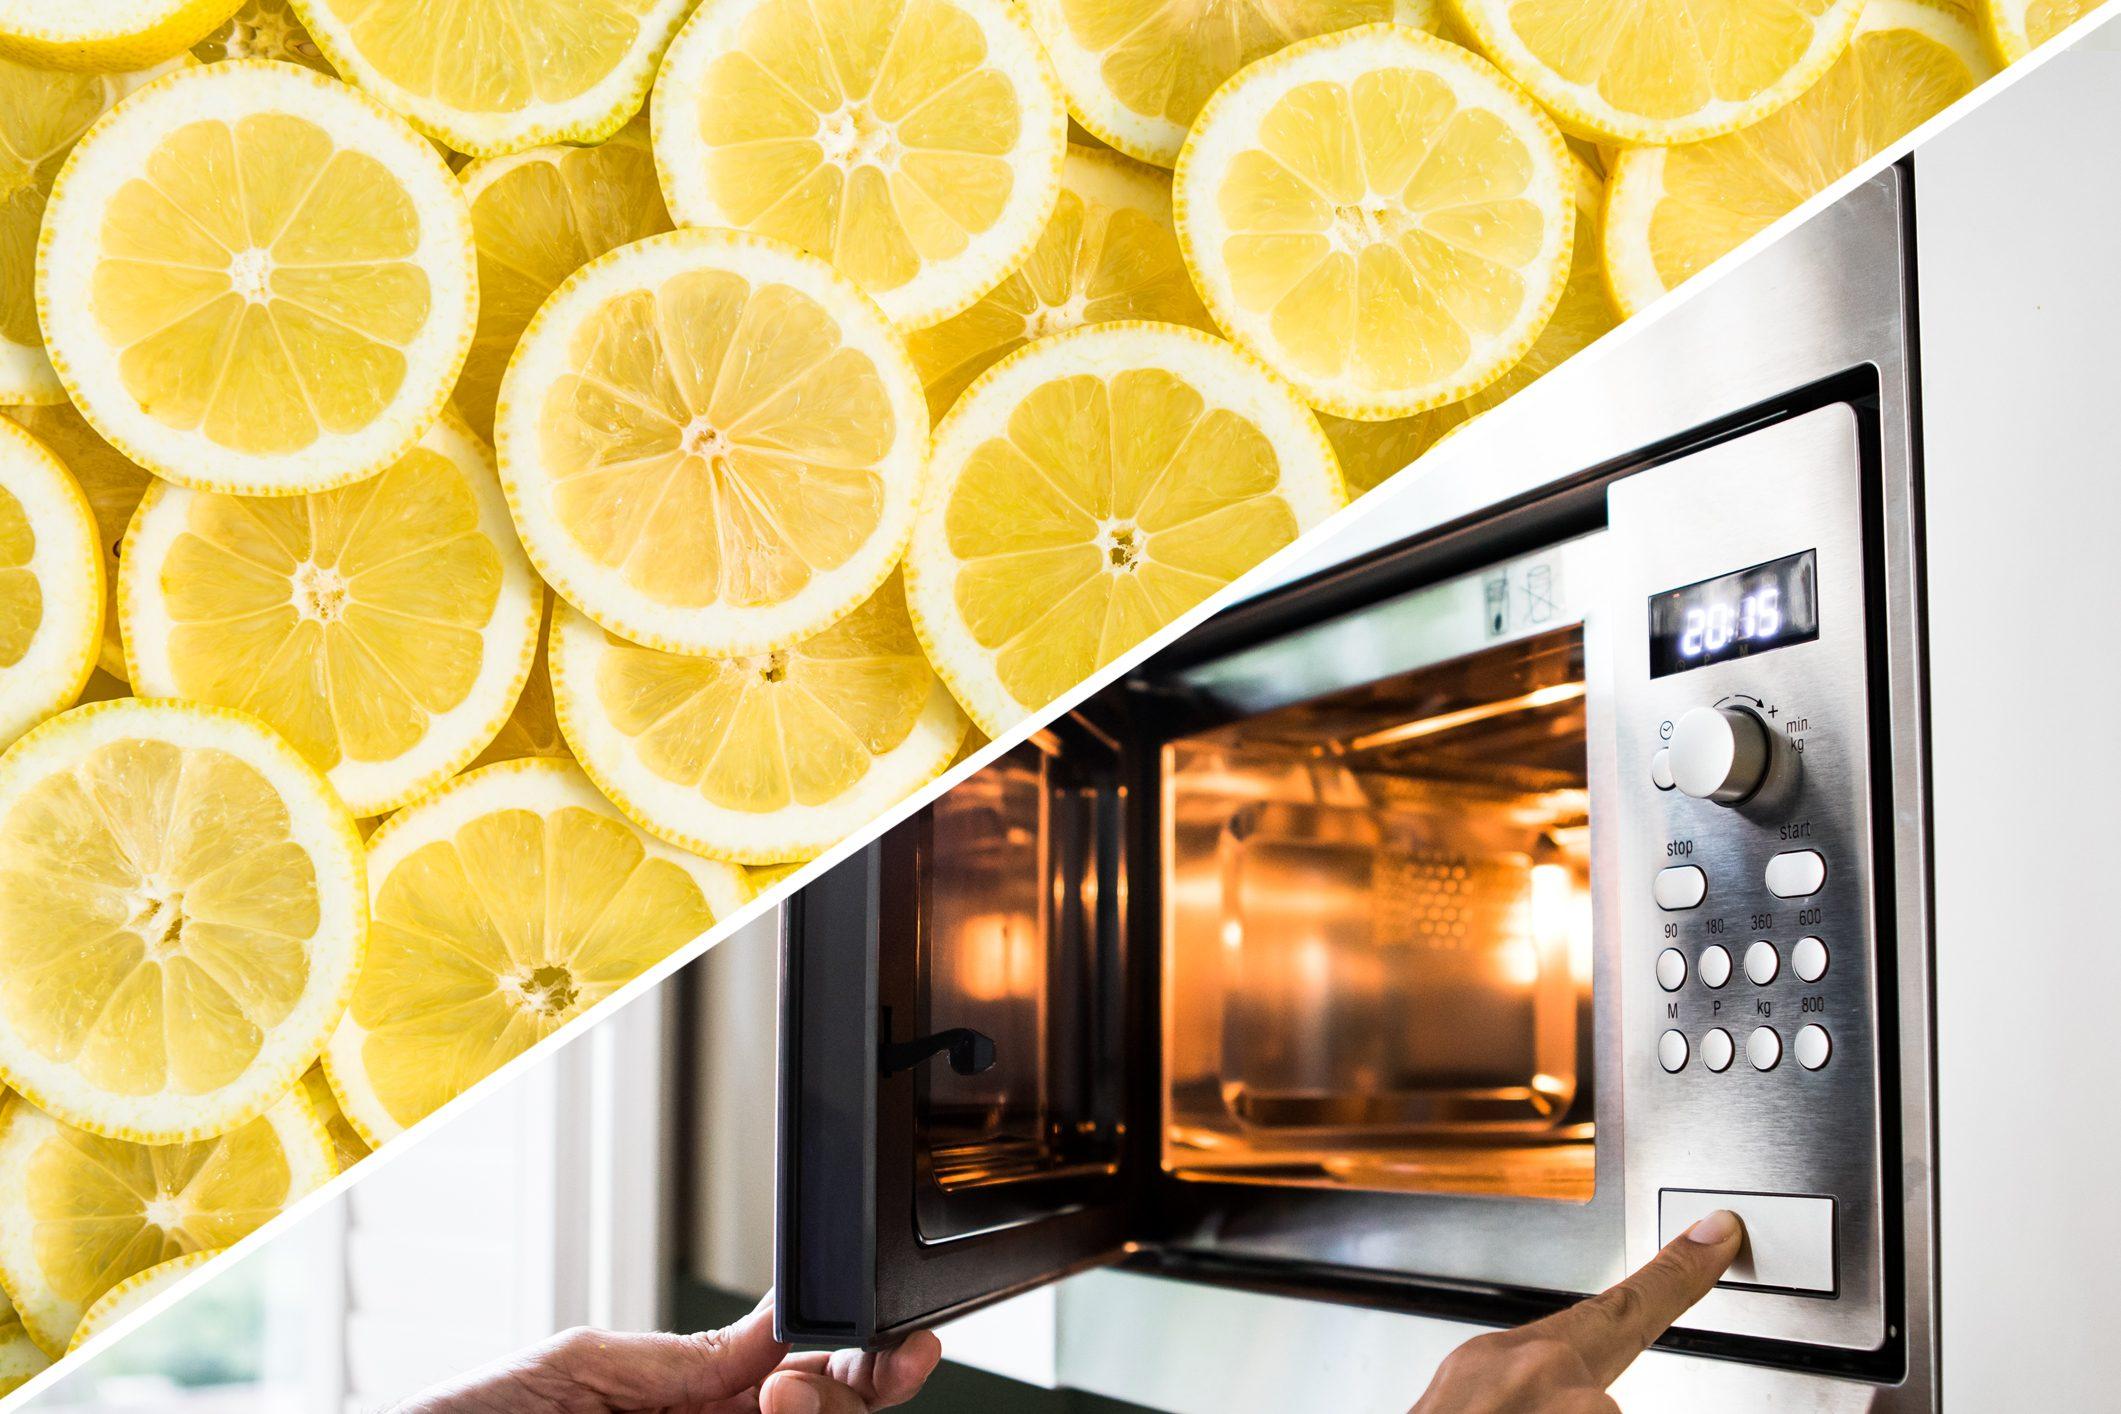 microwave clean lemon uses